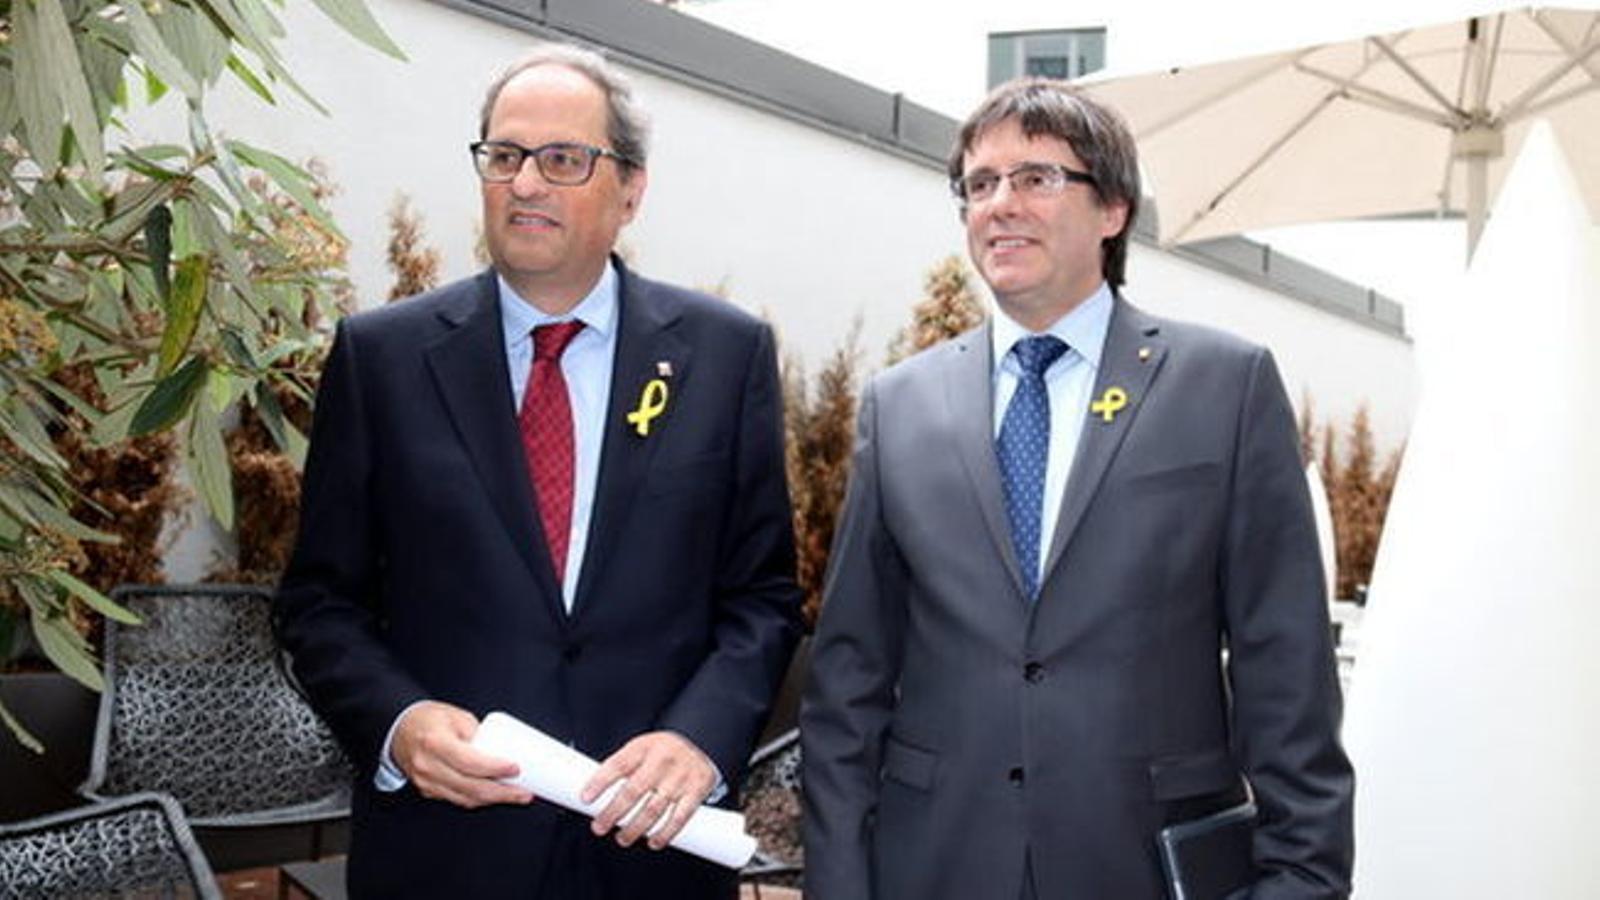 El Parlament Europeu prohibeix la conferència de Carles Puigdemont i Quim Torra